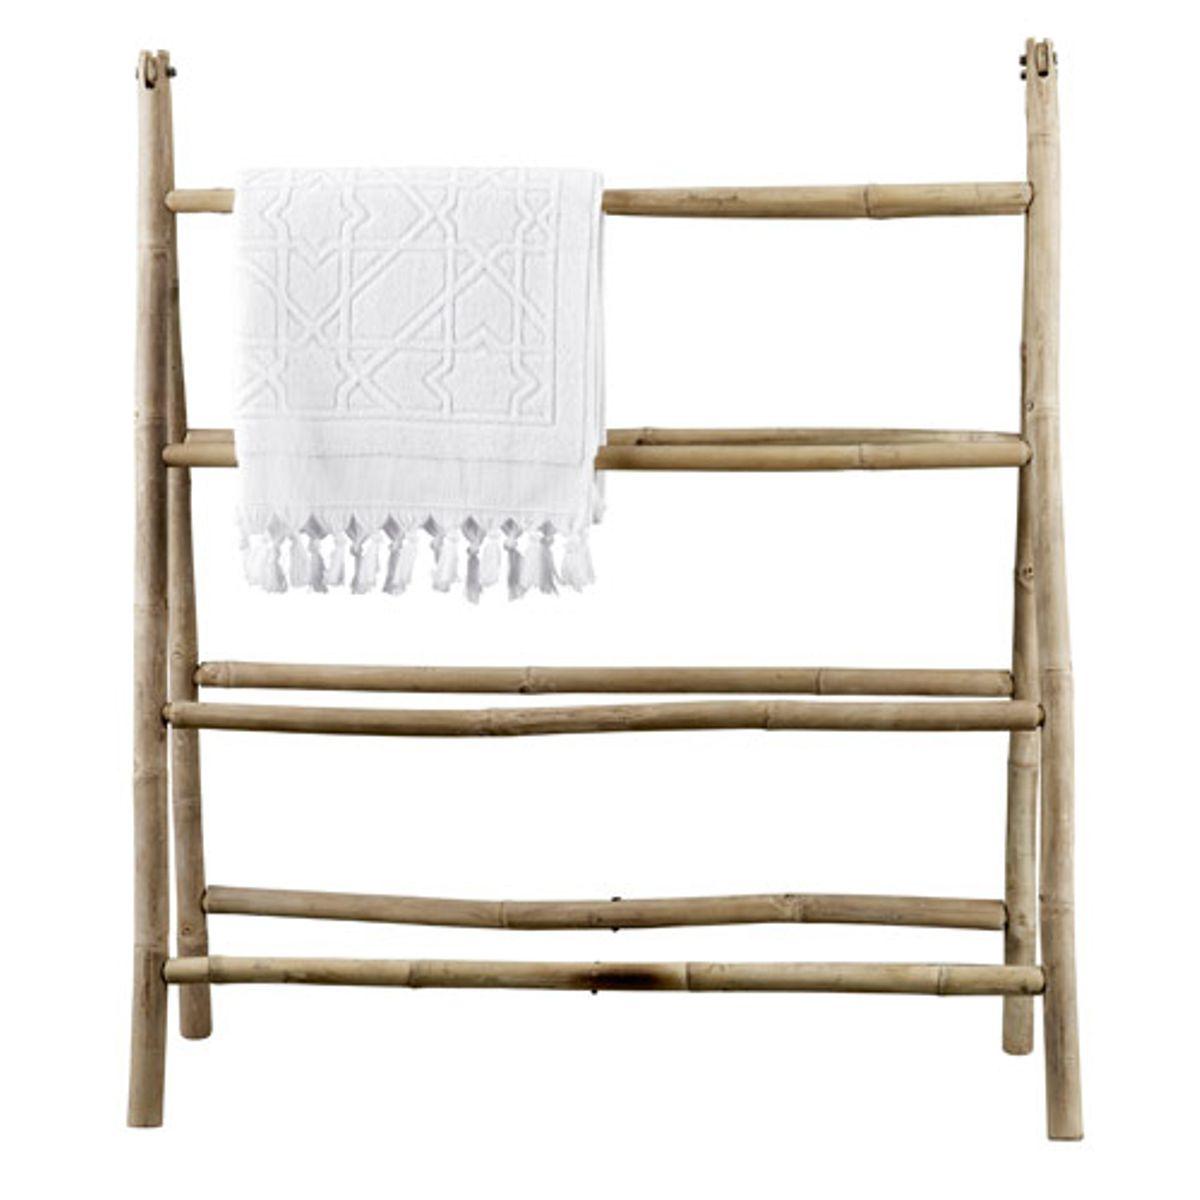 porte serviettes en bambou